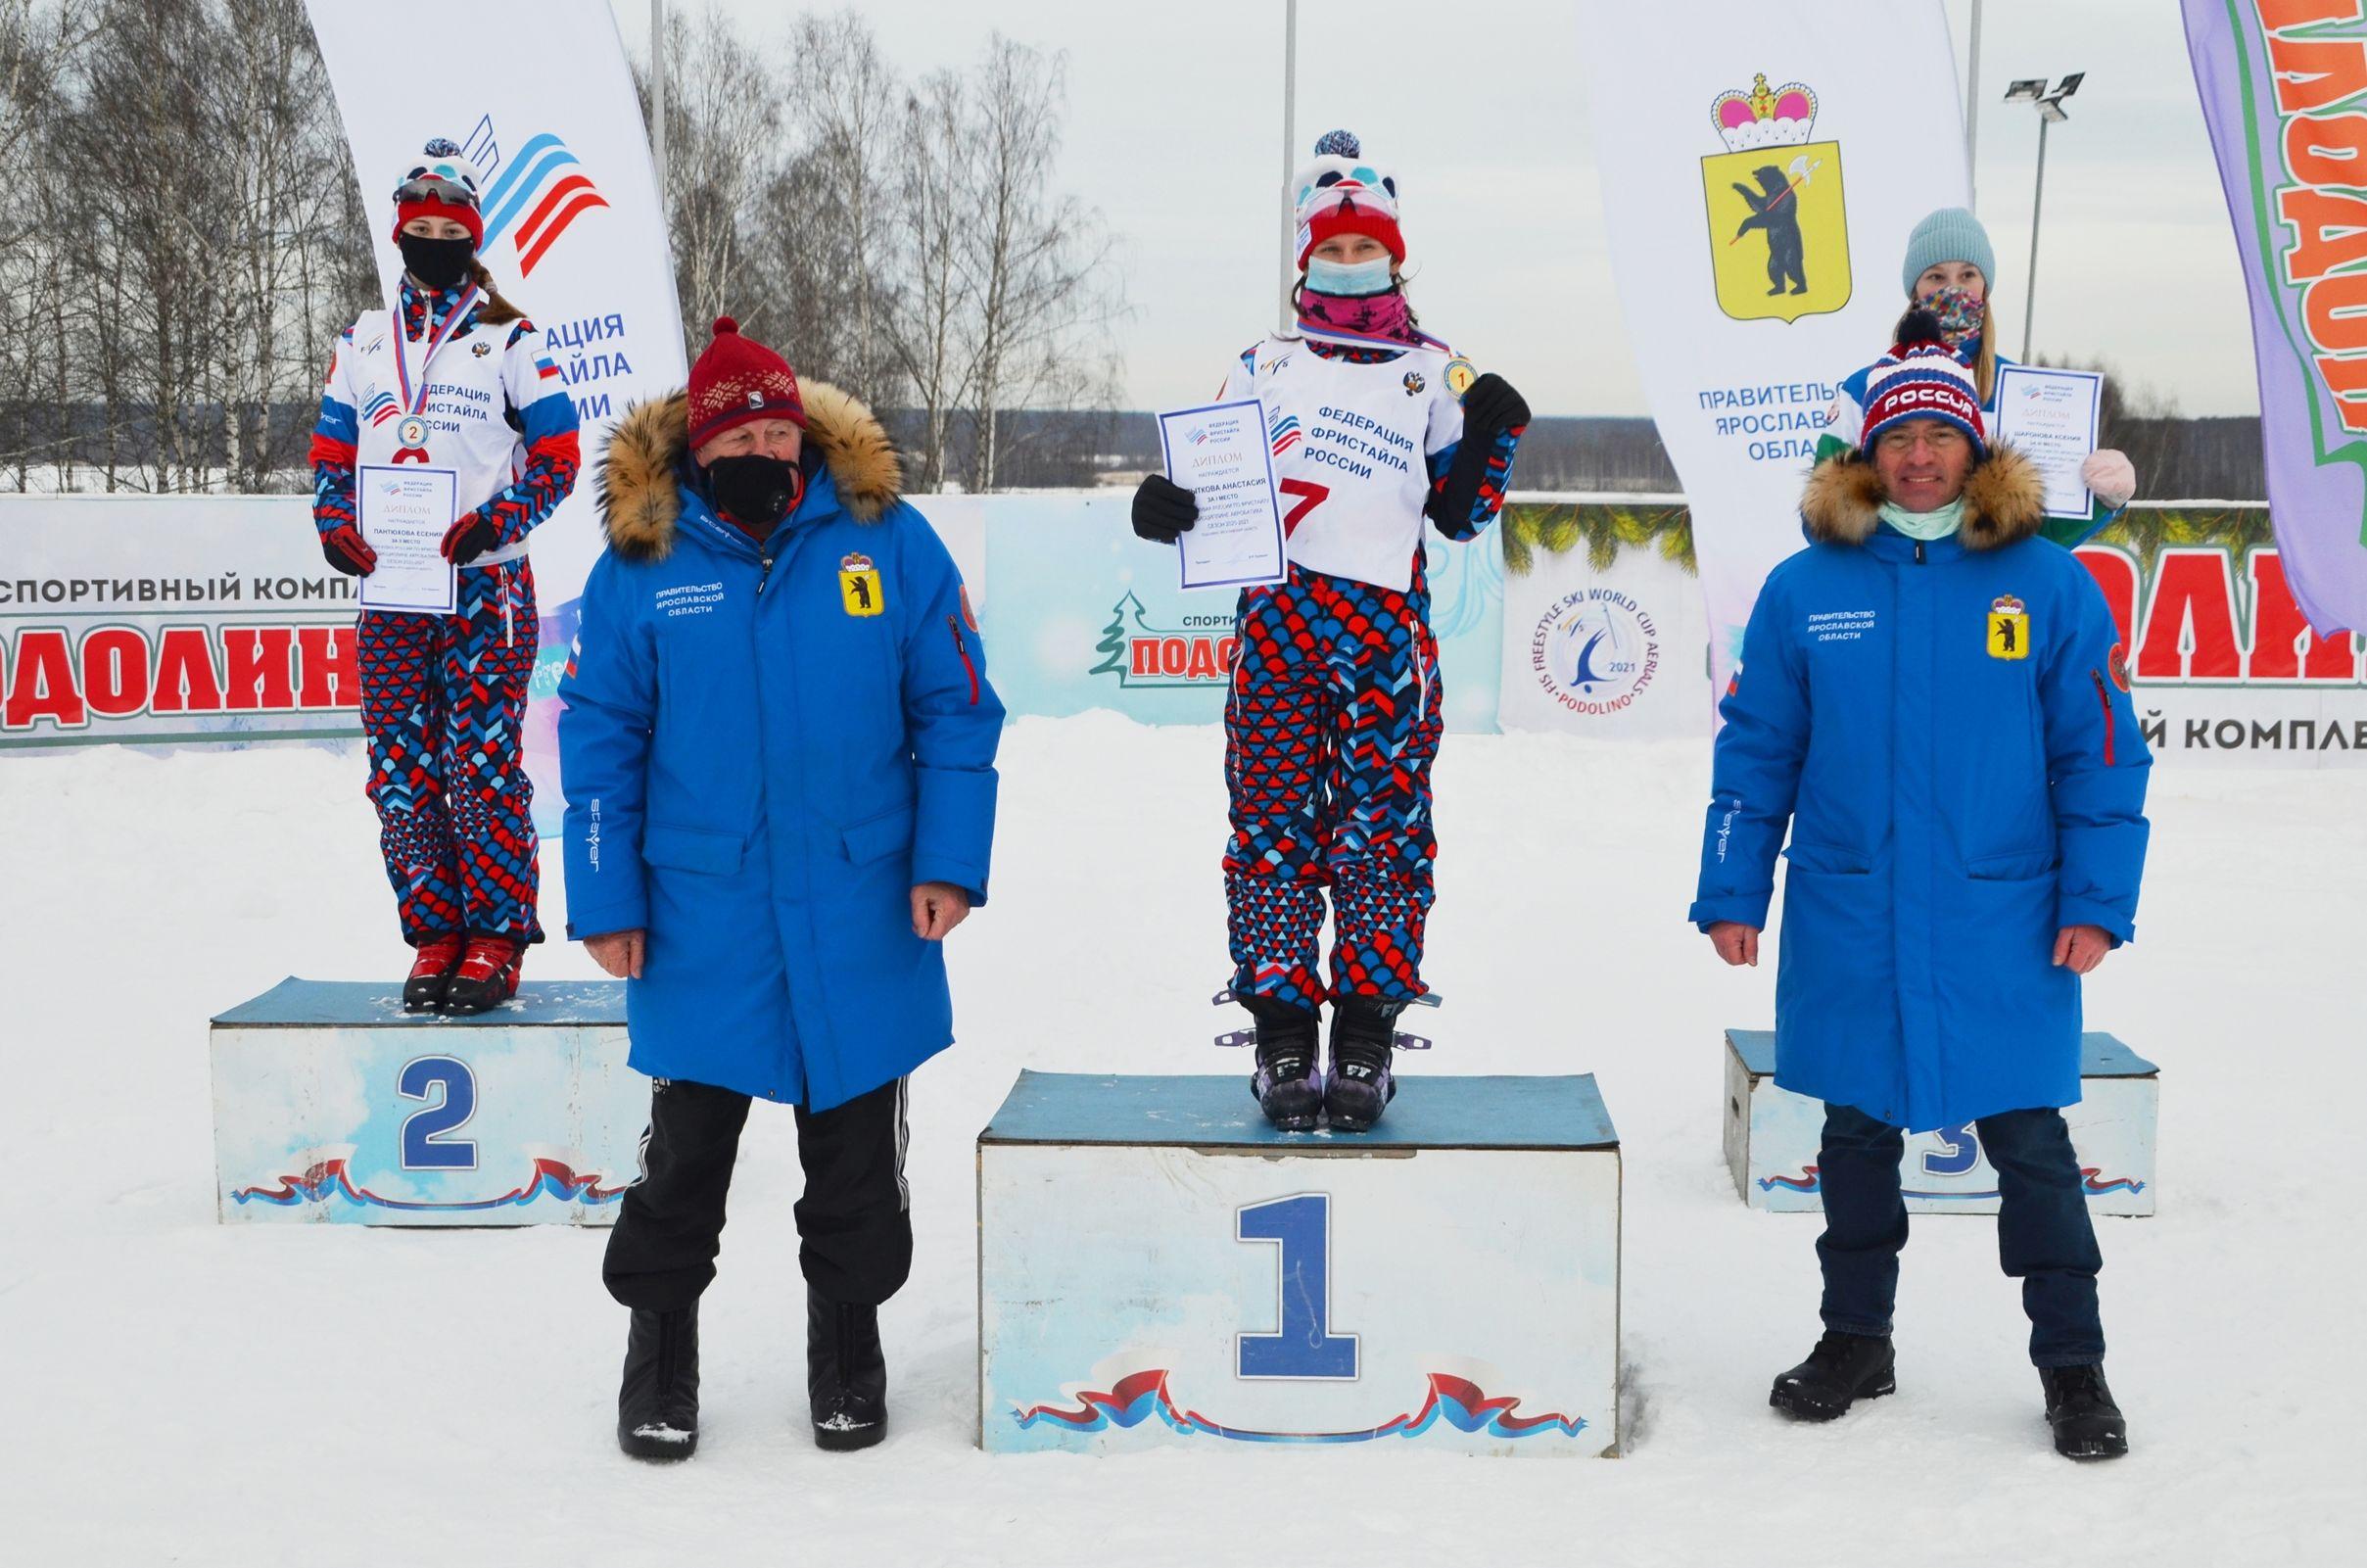 Ярославцы заняли первые места на этапе Кубка России по фристайлу